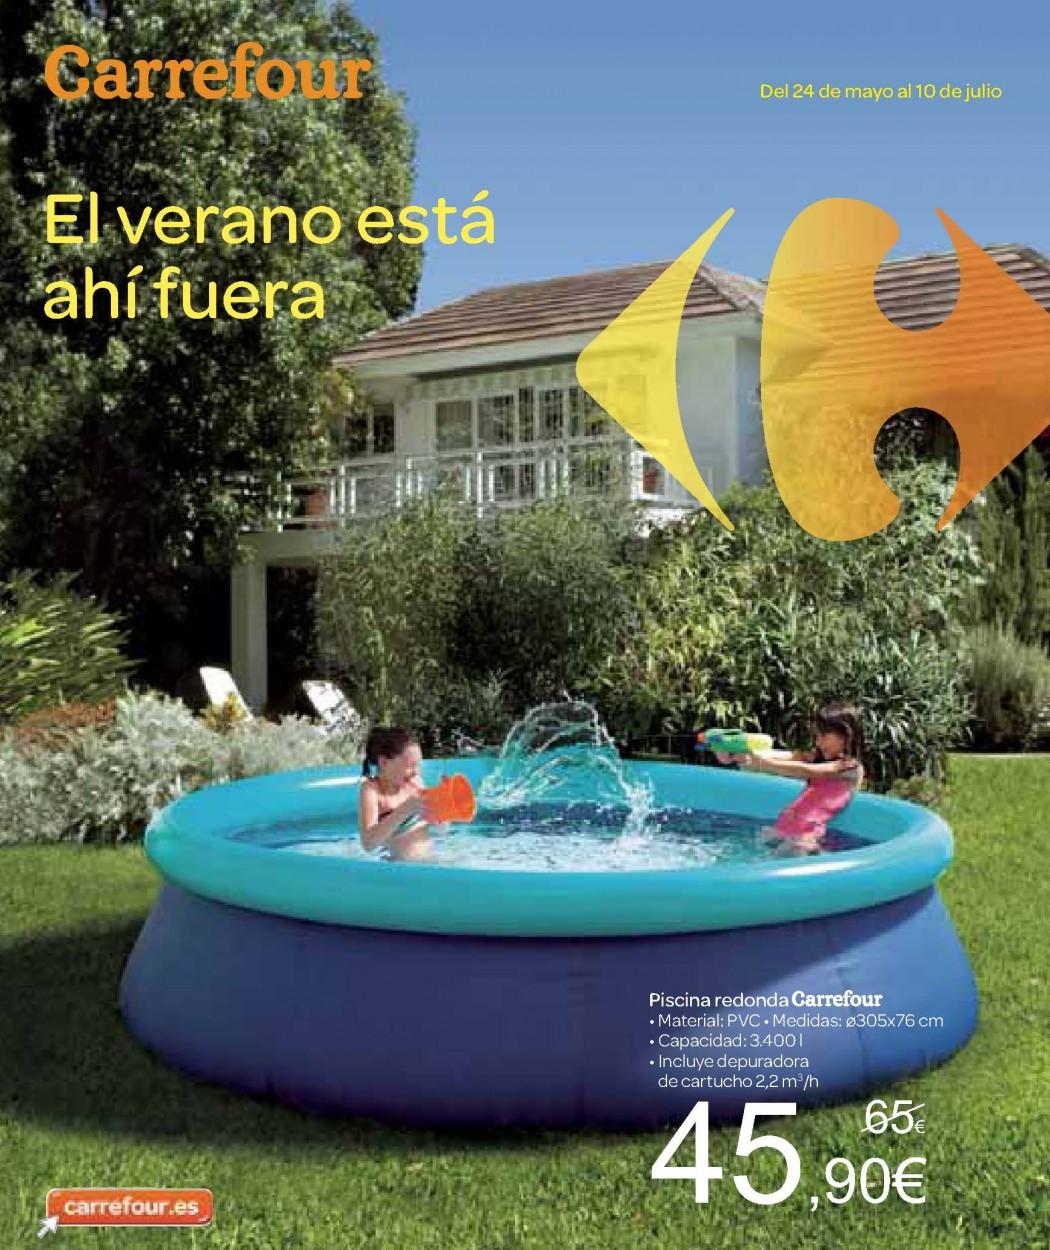 Catalogo Carrefour Junio 2012 - Especial Piscinas y Jardin_Page_01